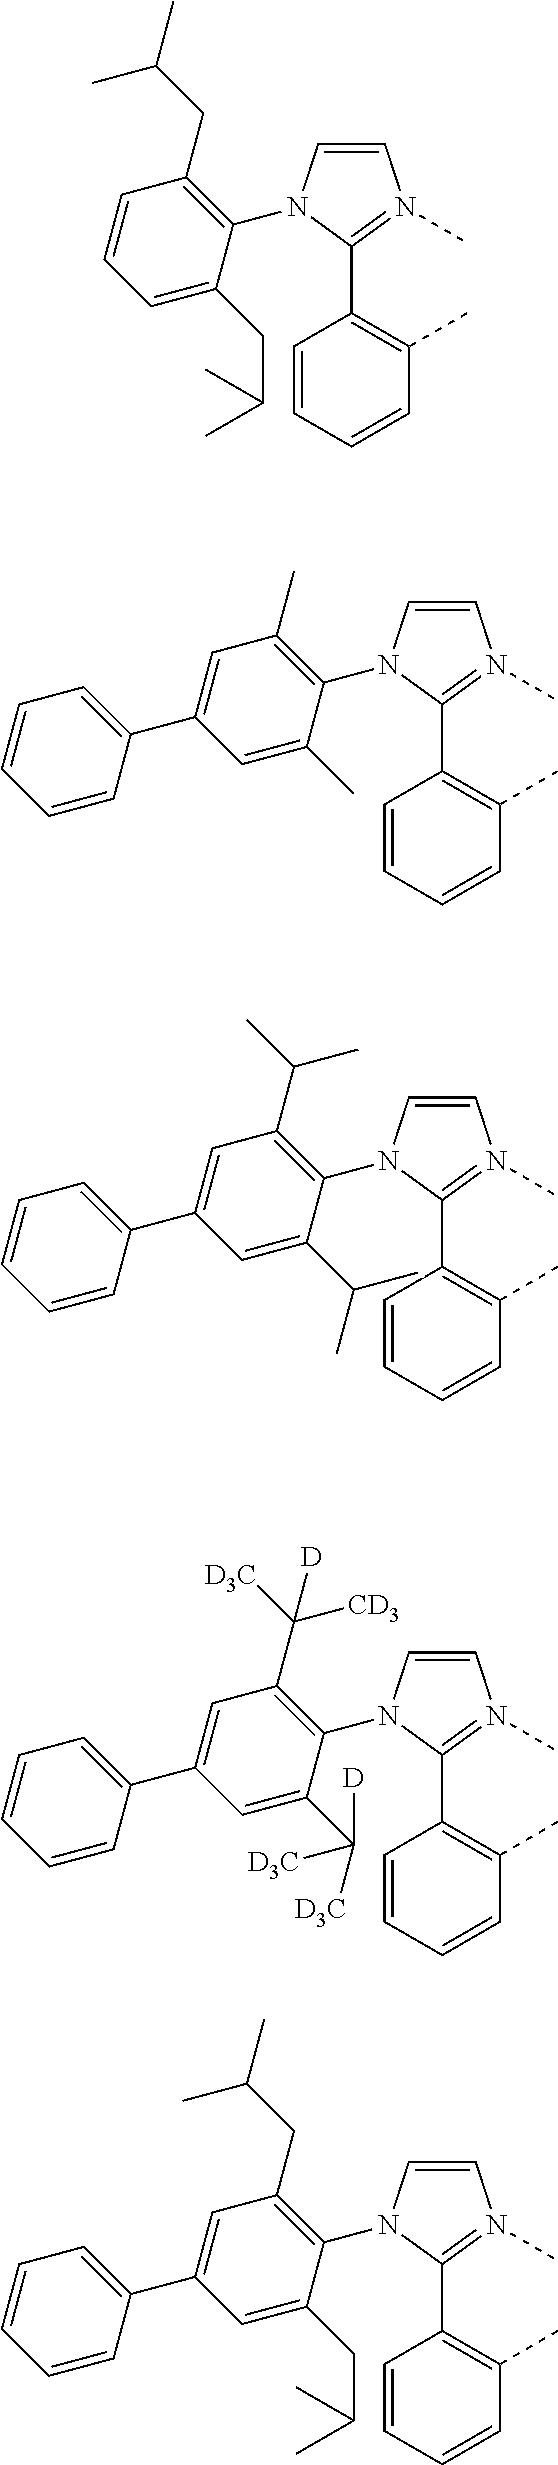 Figure US09773985-20170926-C00271